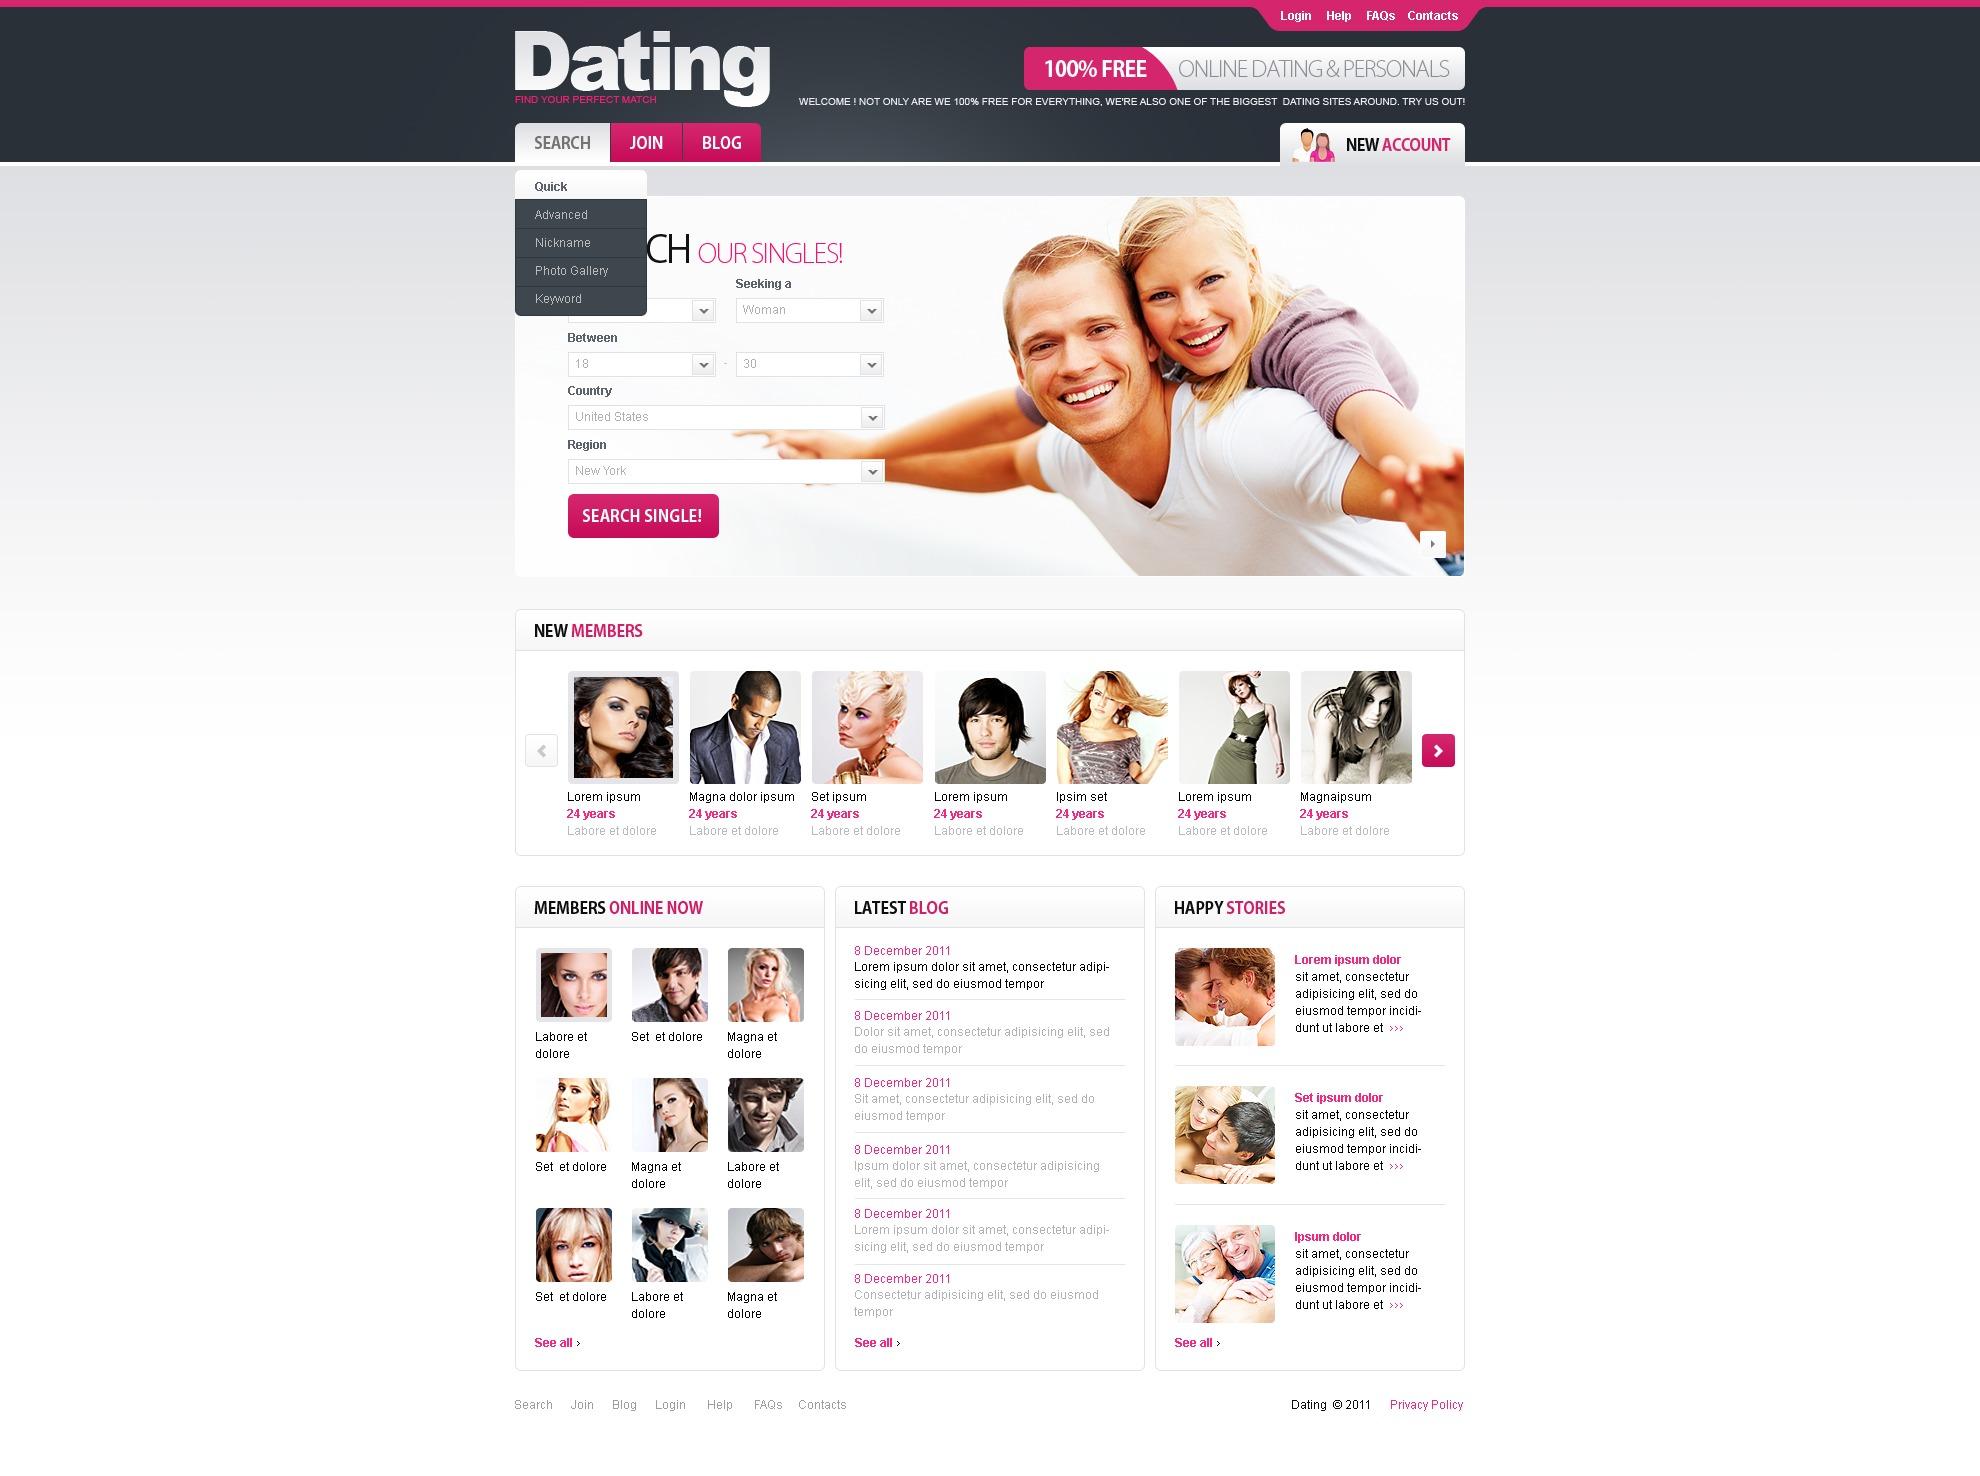 szablon pierwszej randki online zastosowanie promieniowania w datowaniu radiowęglowym